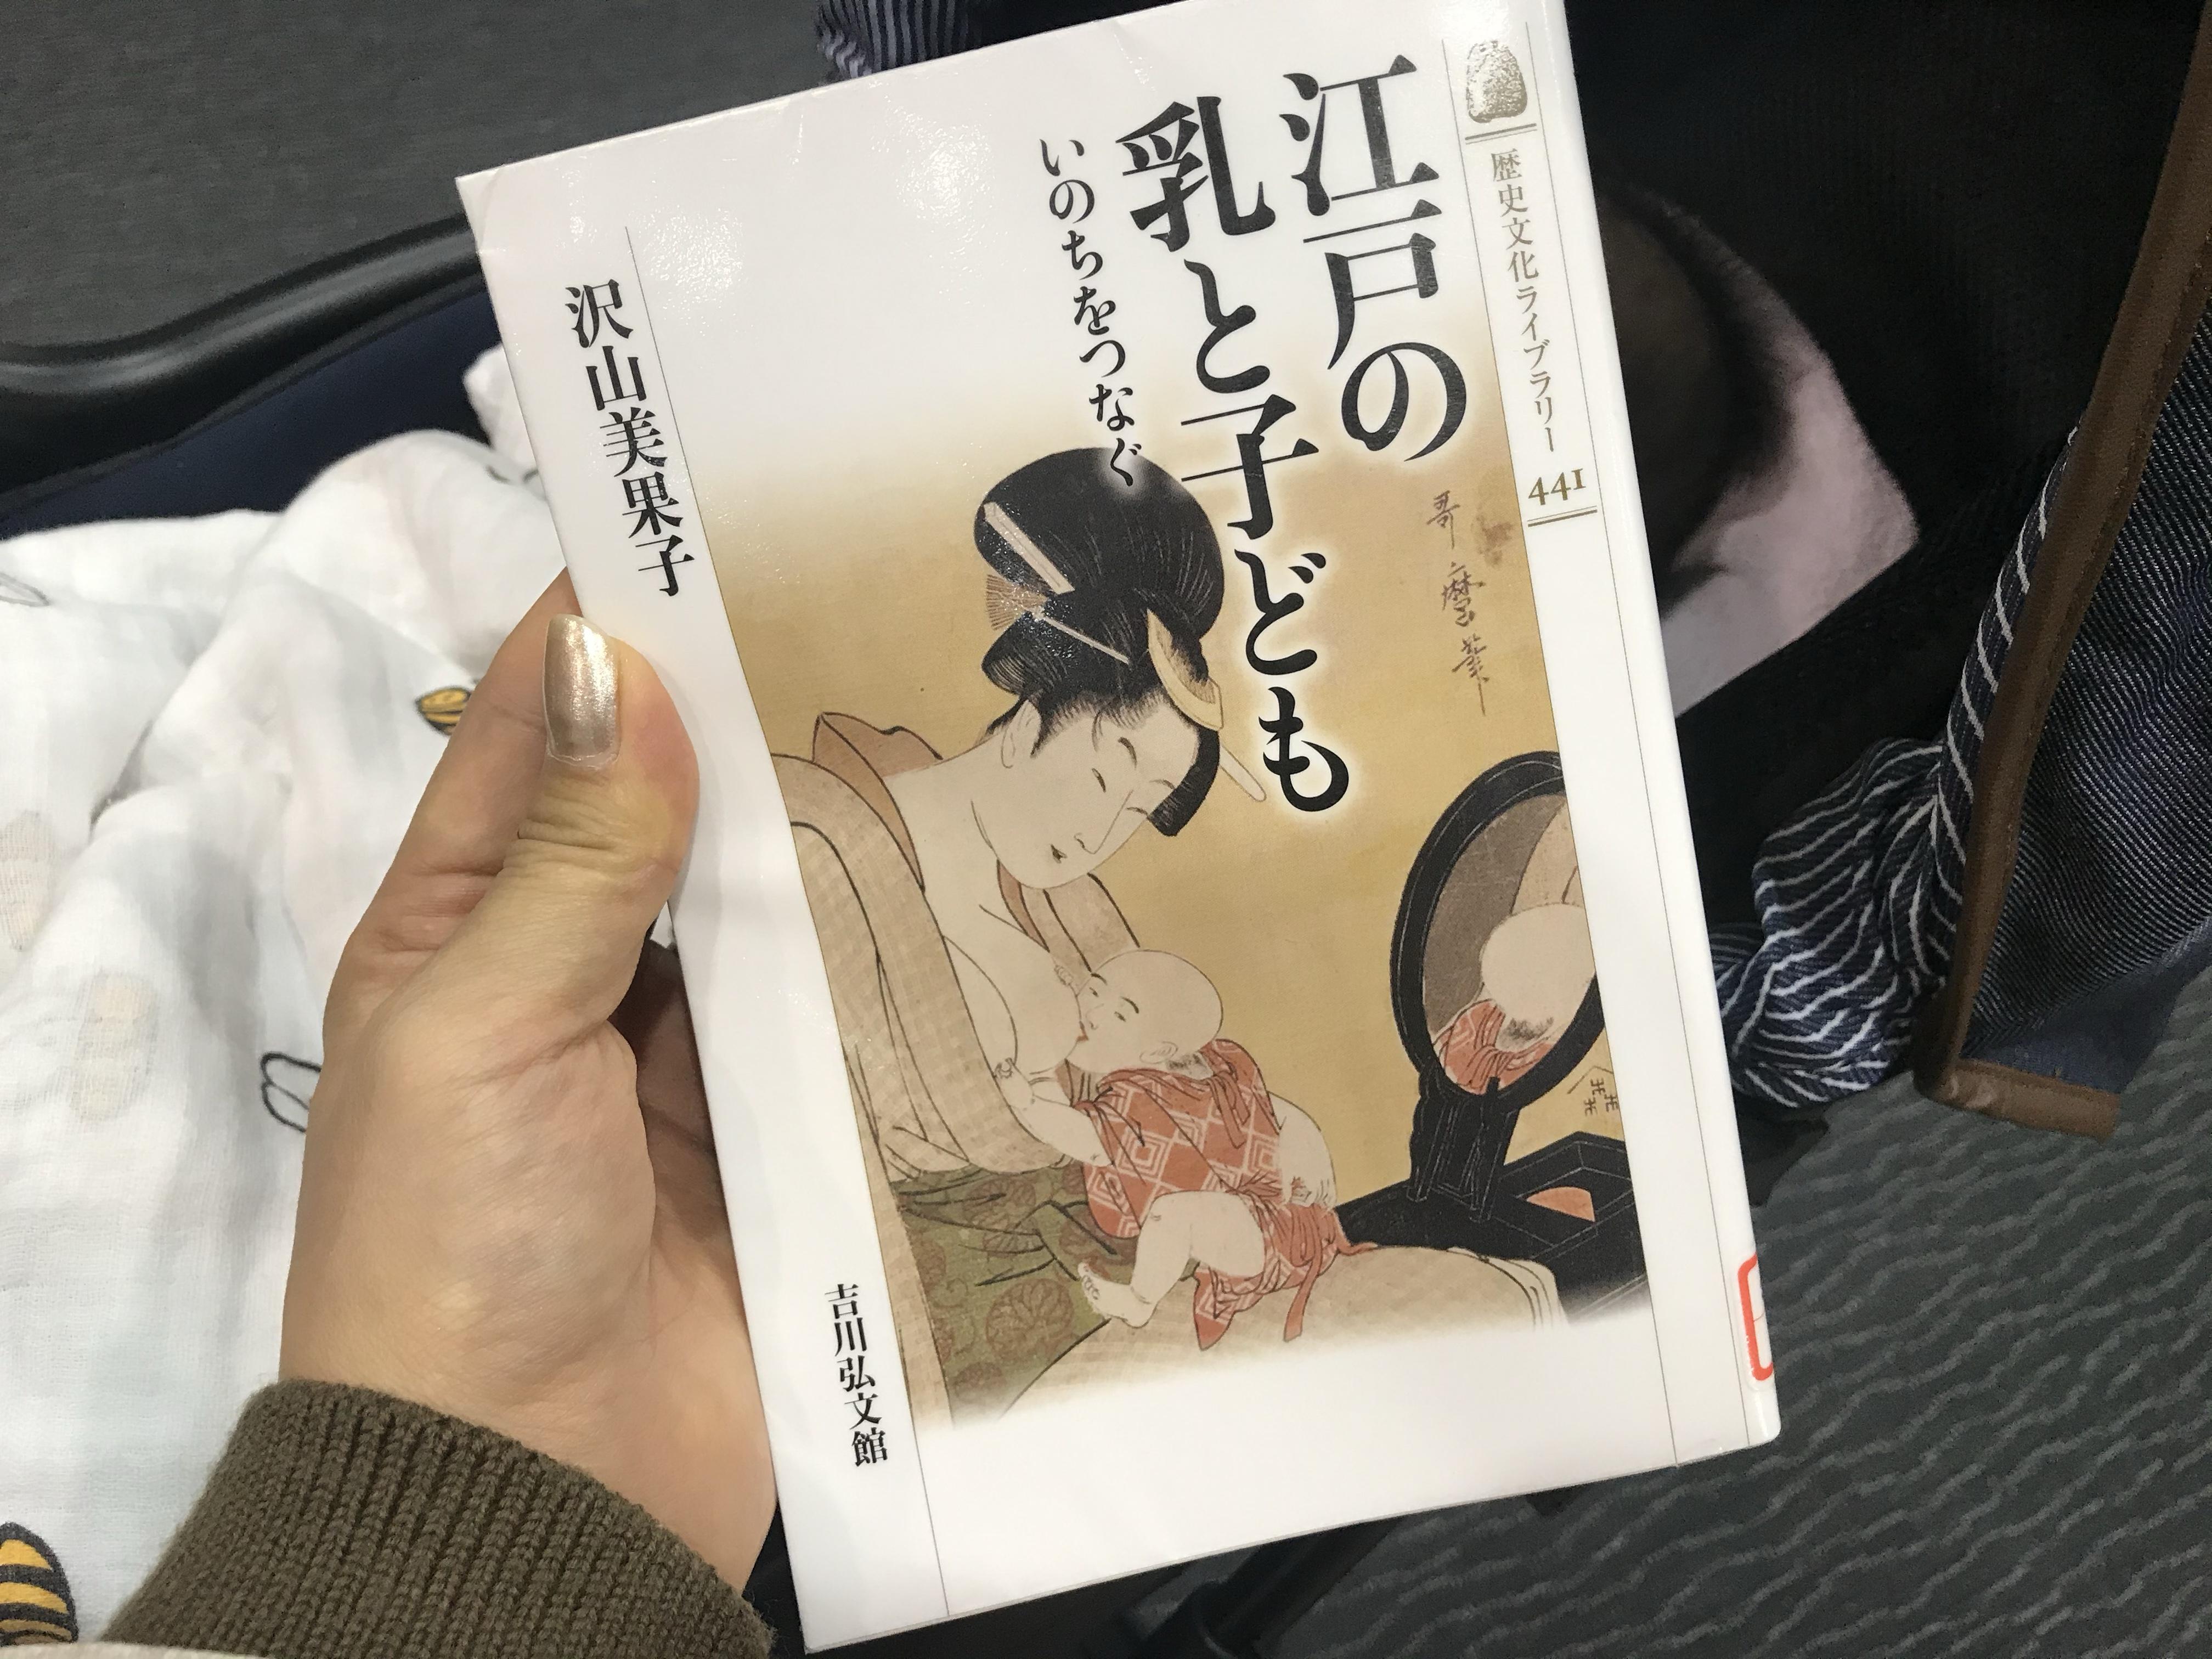 【読書感想文】江戸時代にも母乳が出ないことを悩む人は大勢いた「江戸の乳と子ども」の感想